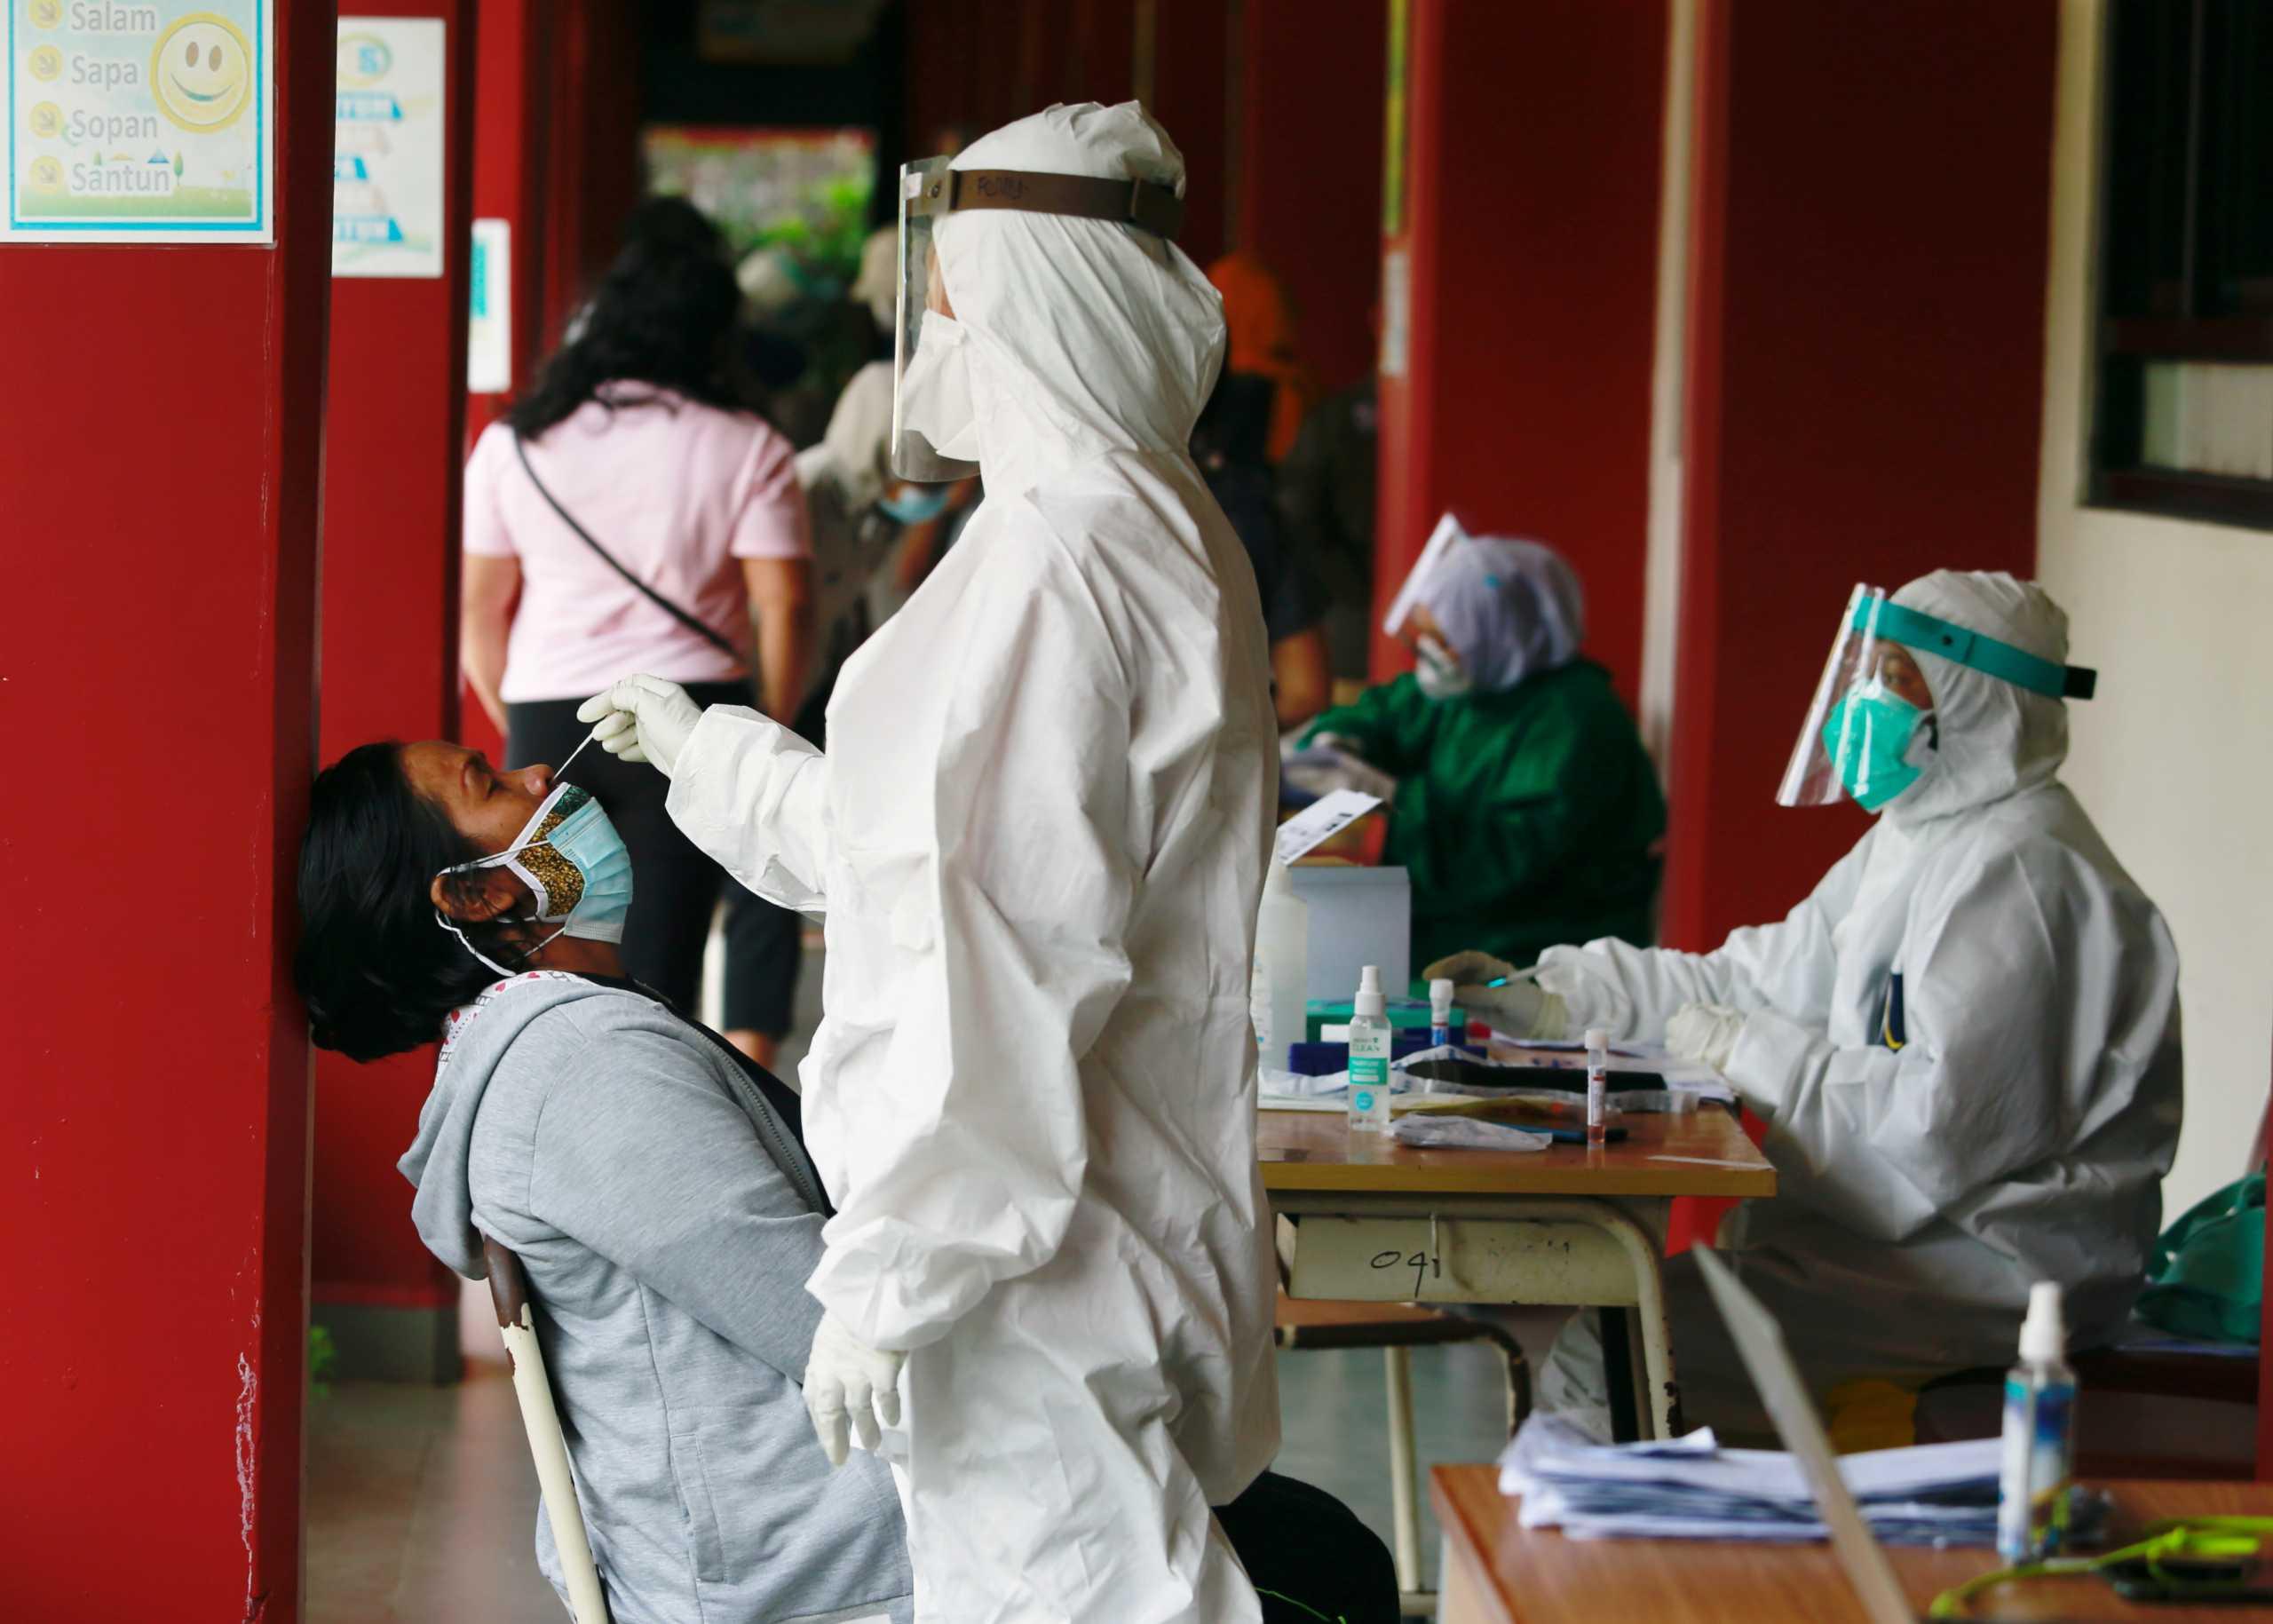 Κορονοϊός: 9 στους 10 διασωληνωμένους είναι ανεμβολίαστοι – Στη δημοσιότητα τα στοιχεία